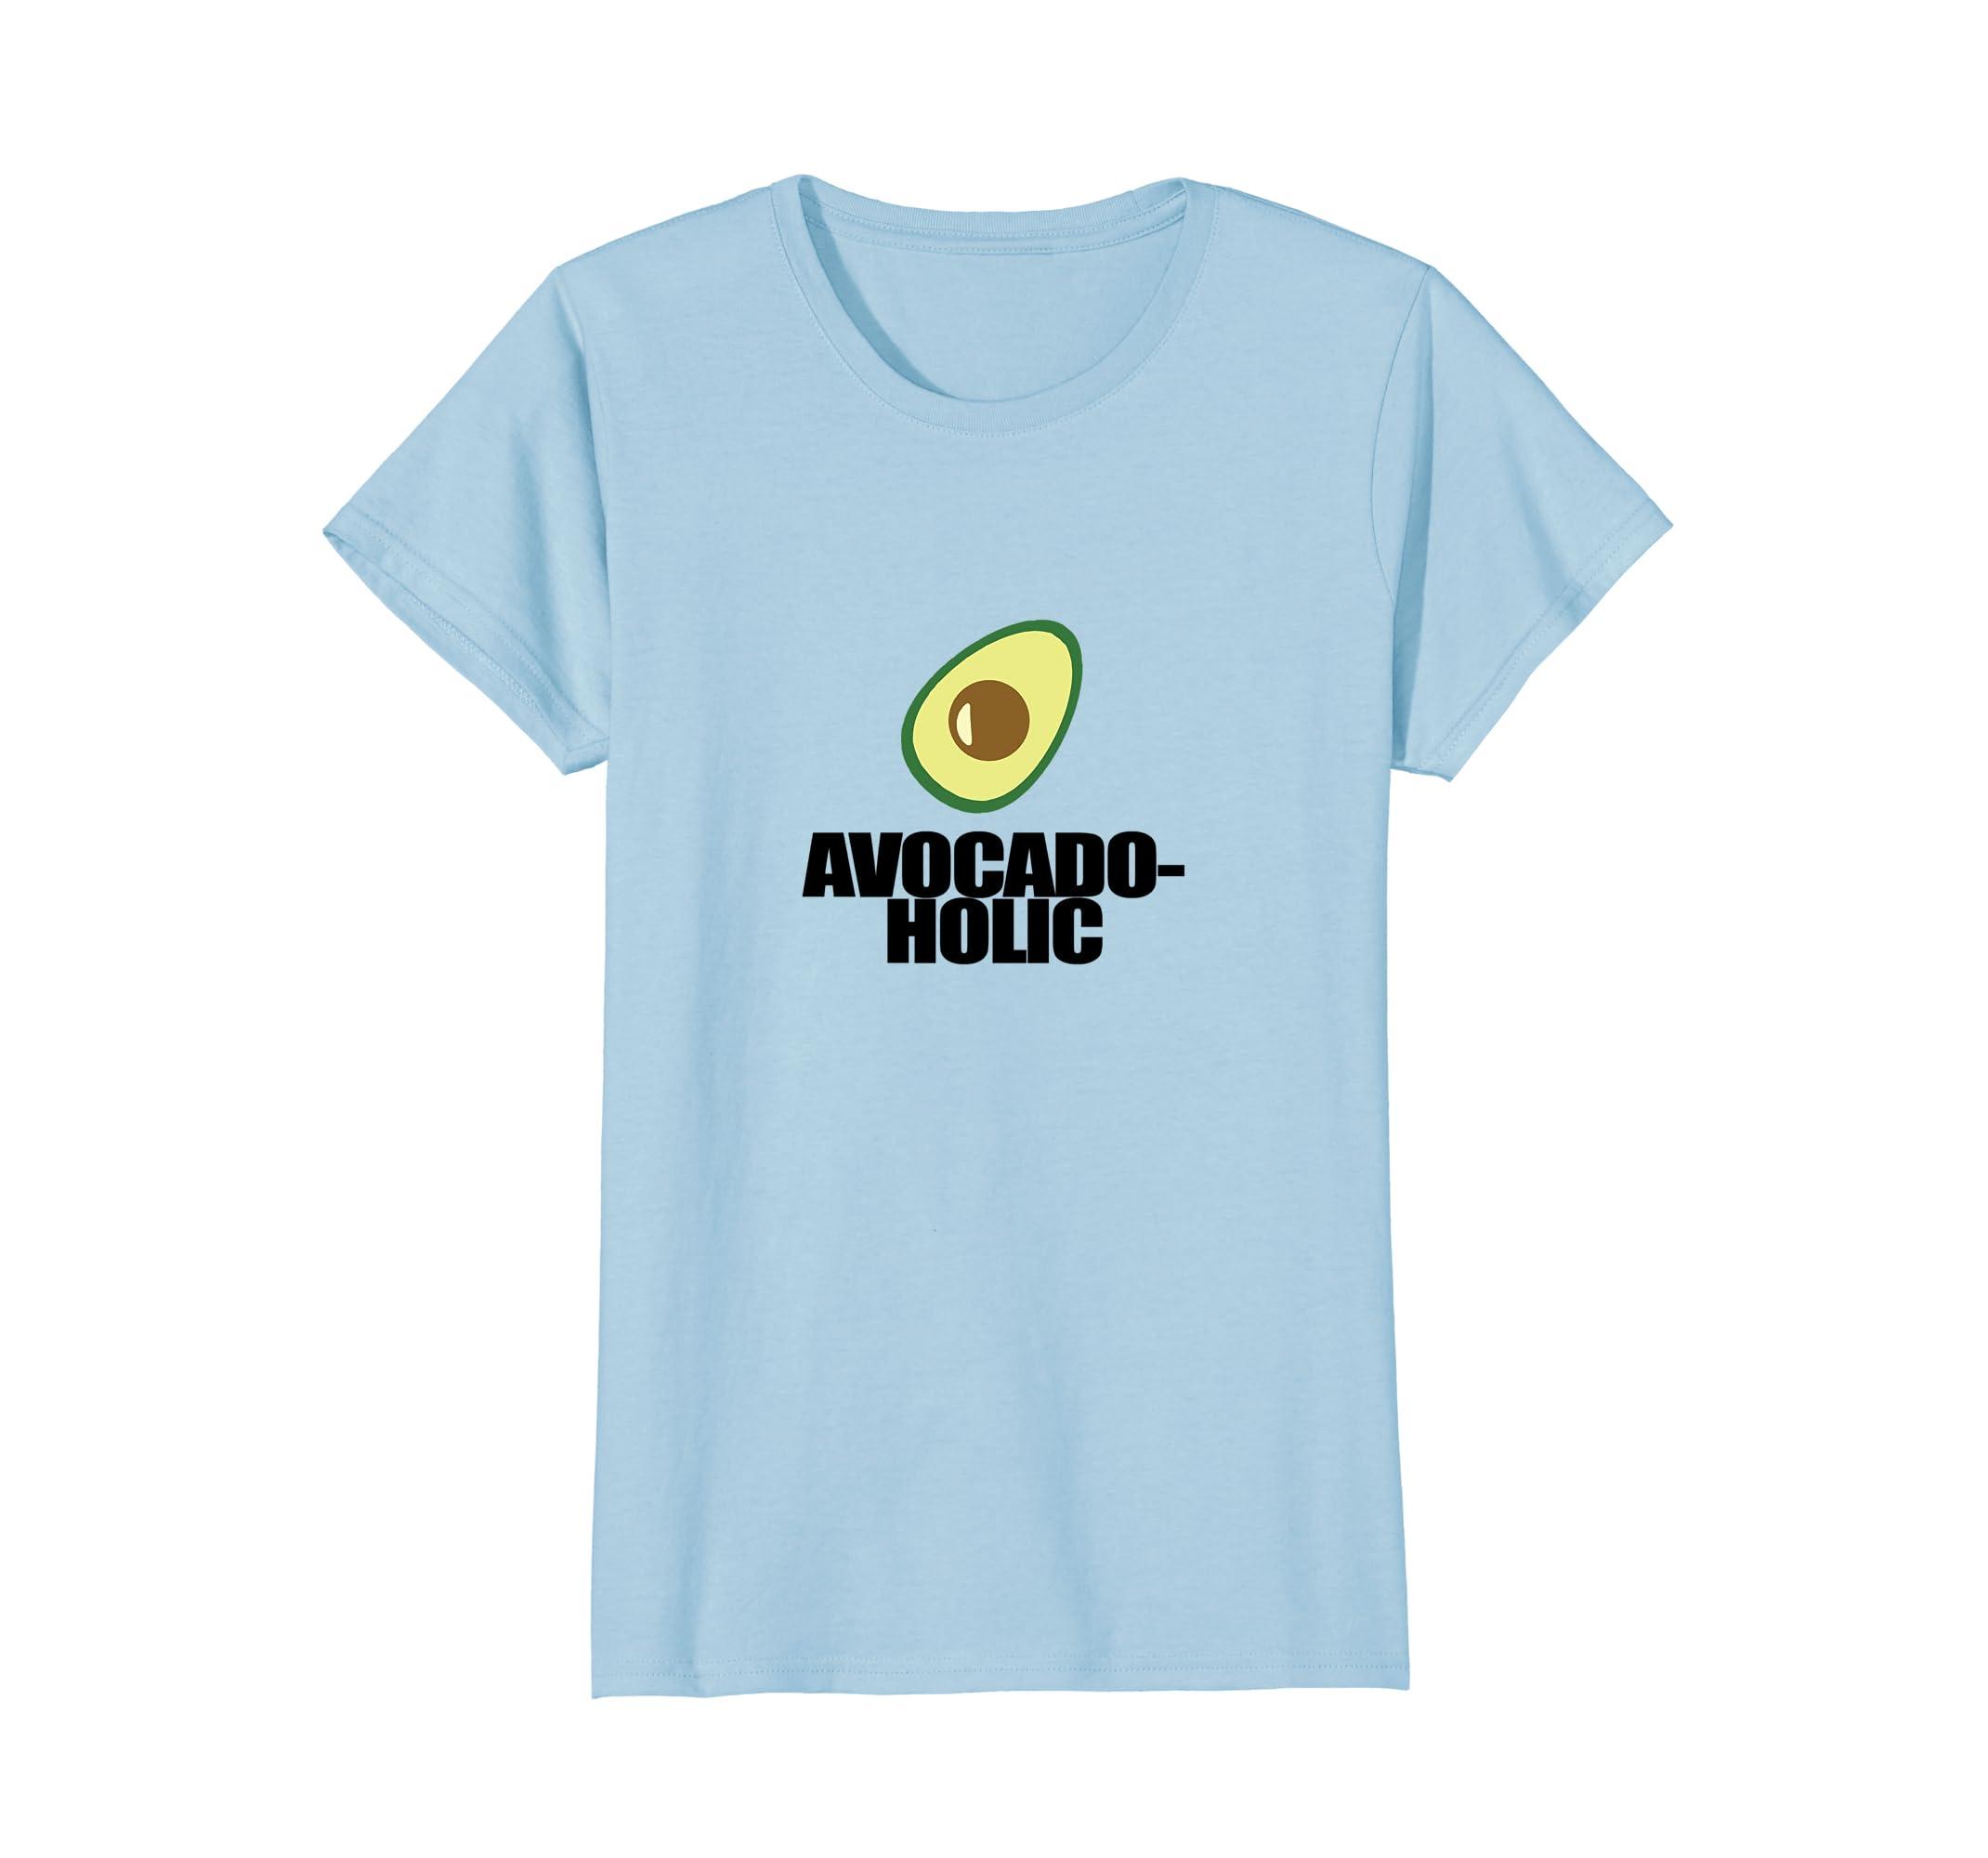 ccbfd74c Amazon.com: Avocado-Holic T-Shirt | Powered By Avocado Guac Humor Tee:  Clothing